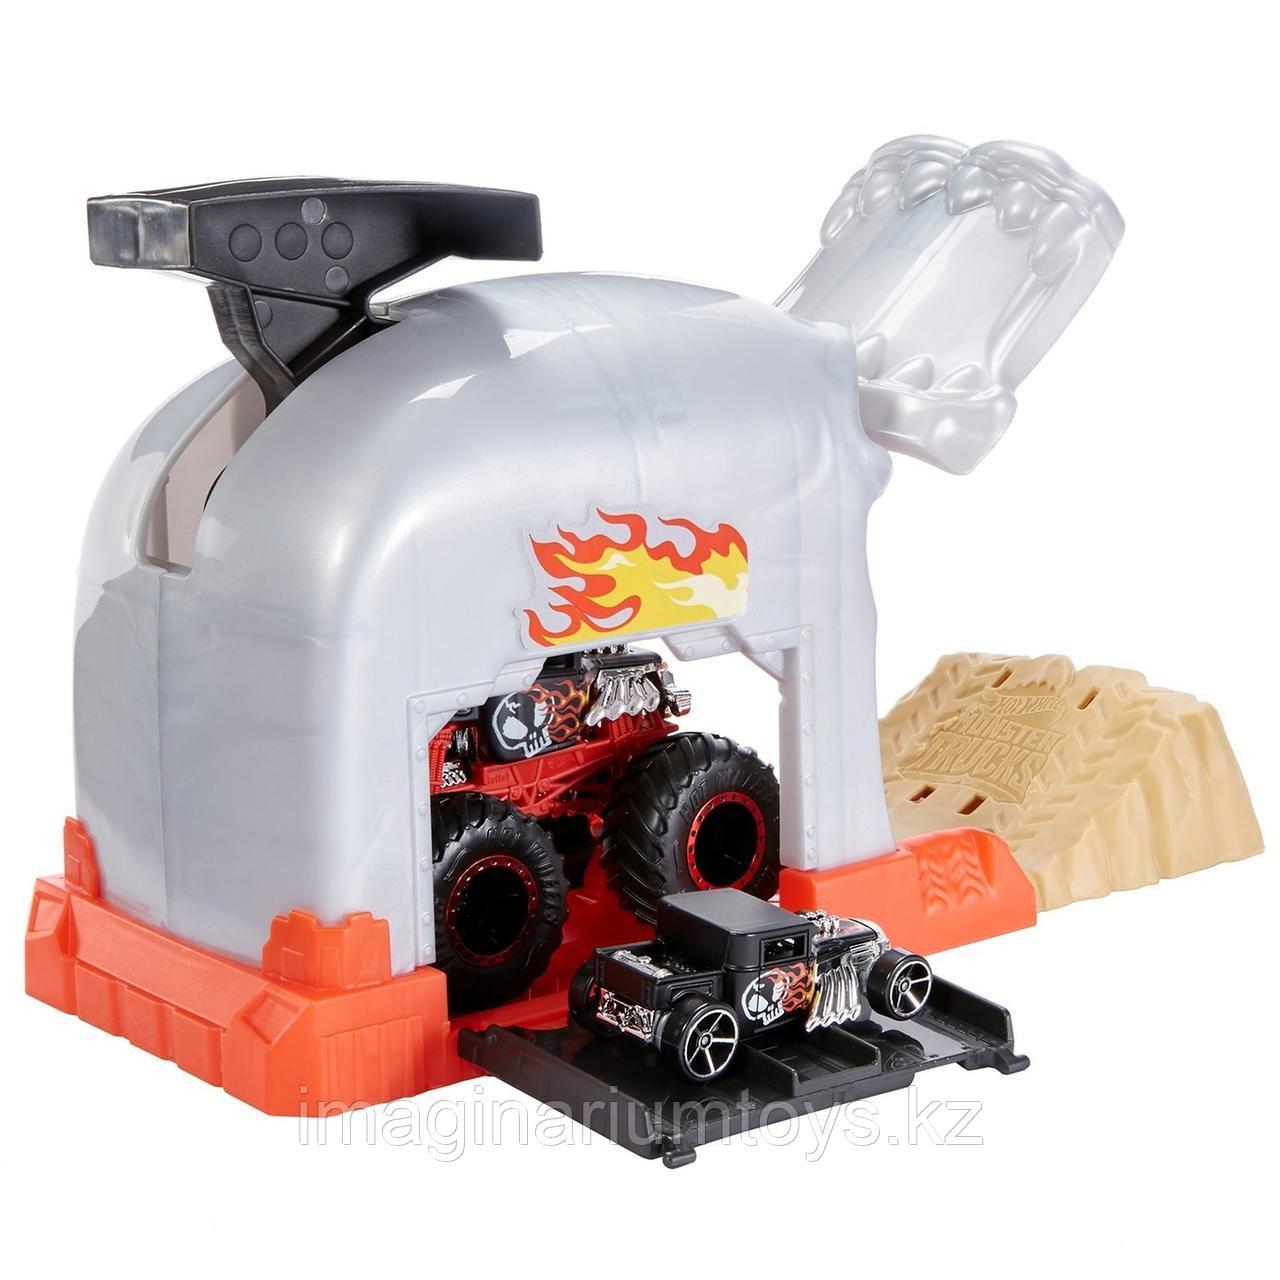 Hot Wheels игровой набор Монстр-Трак Пусковой гараж Череп - фото 3